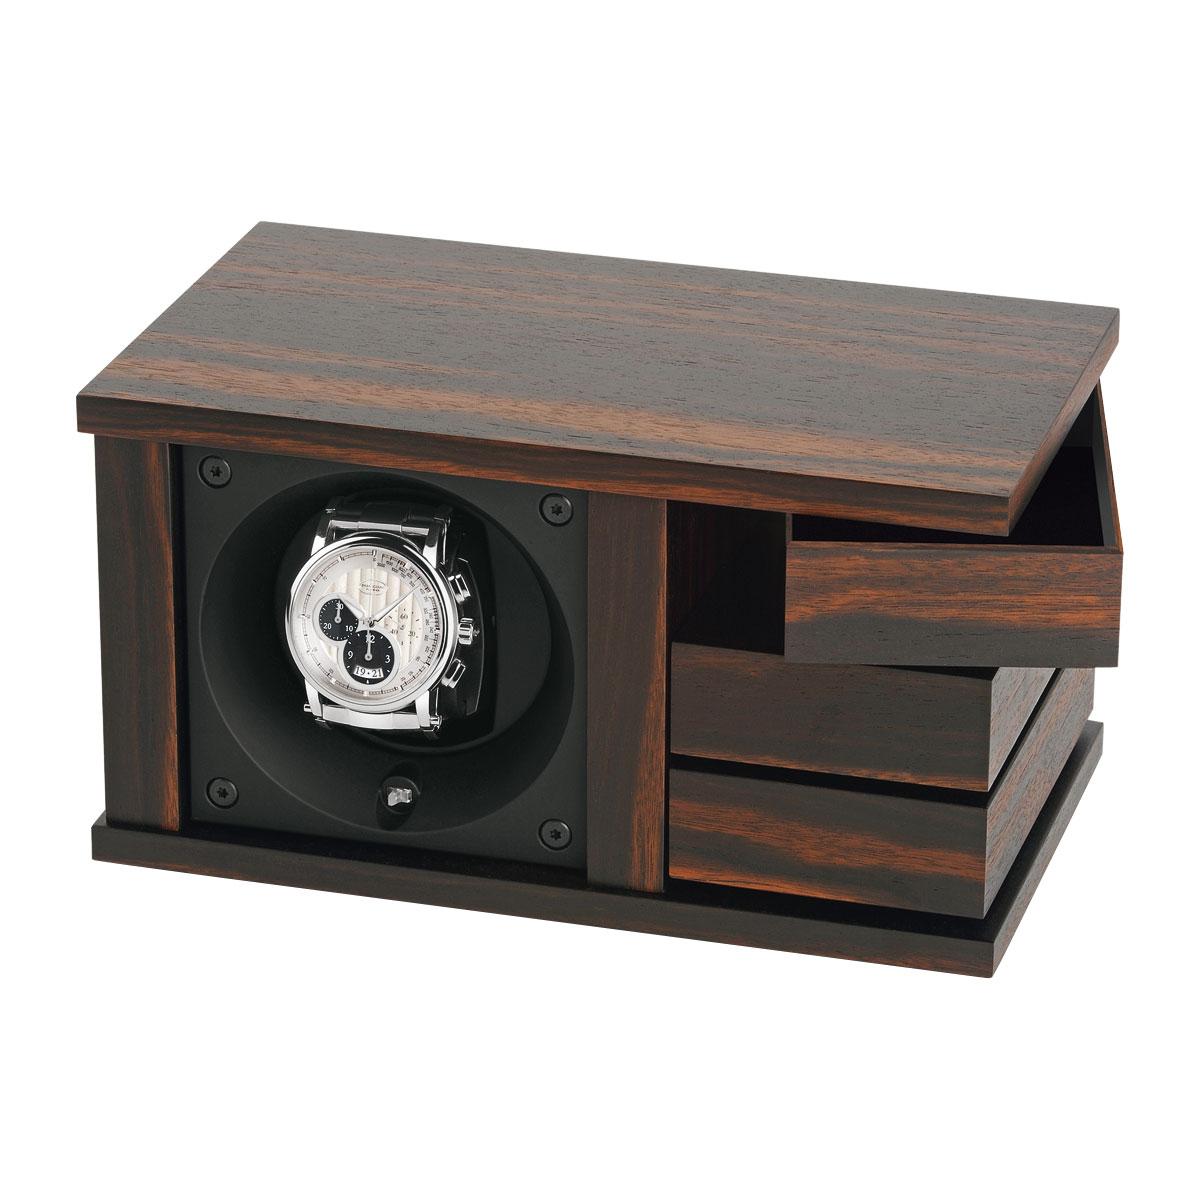 La Cote des Montres : Photo - Parmigiani Transforma Chronographe